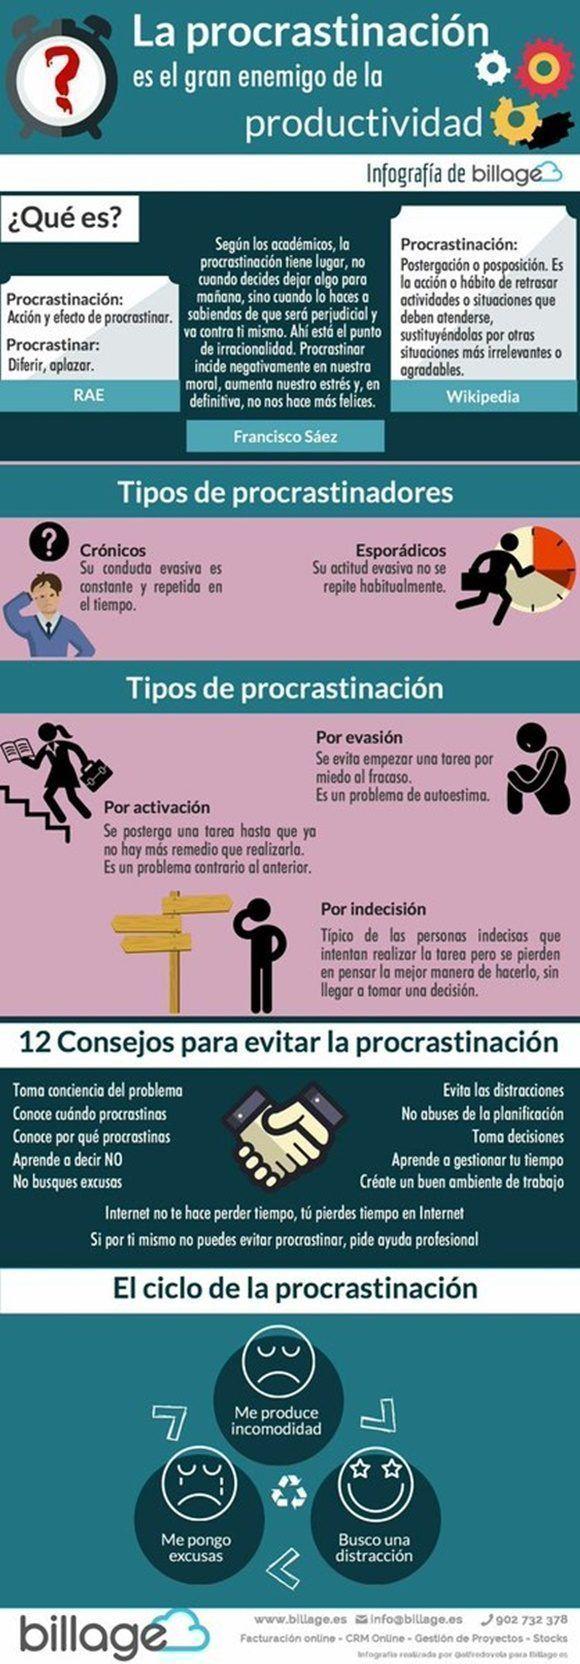 La procrastinación es el gran enemigo de la productividad.